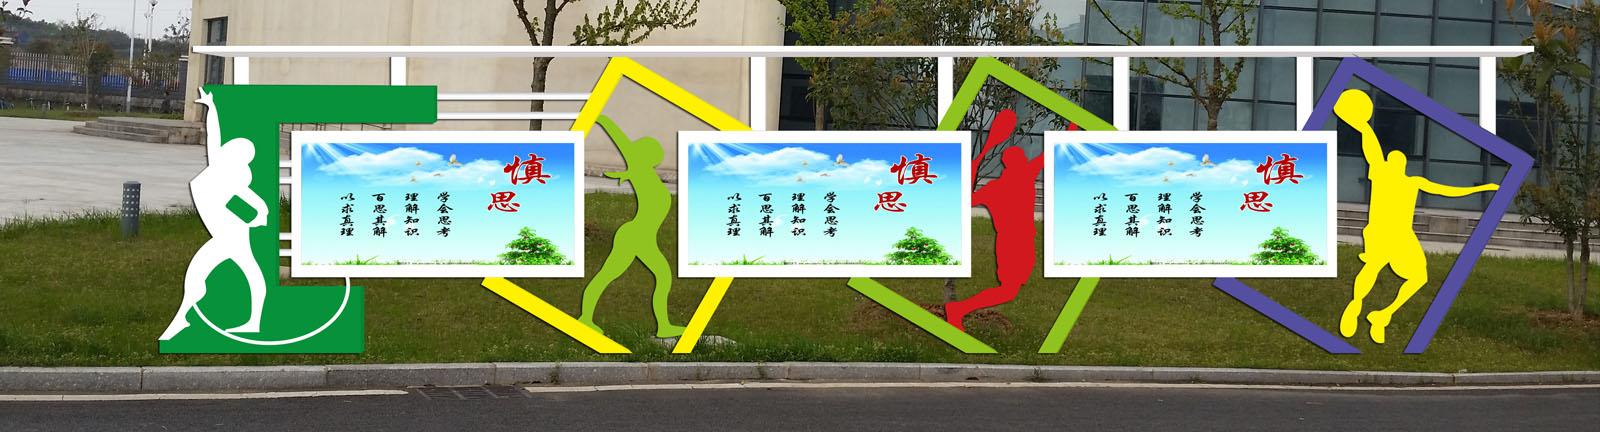 湛江公交候车亭